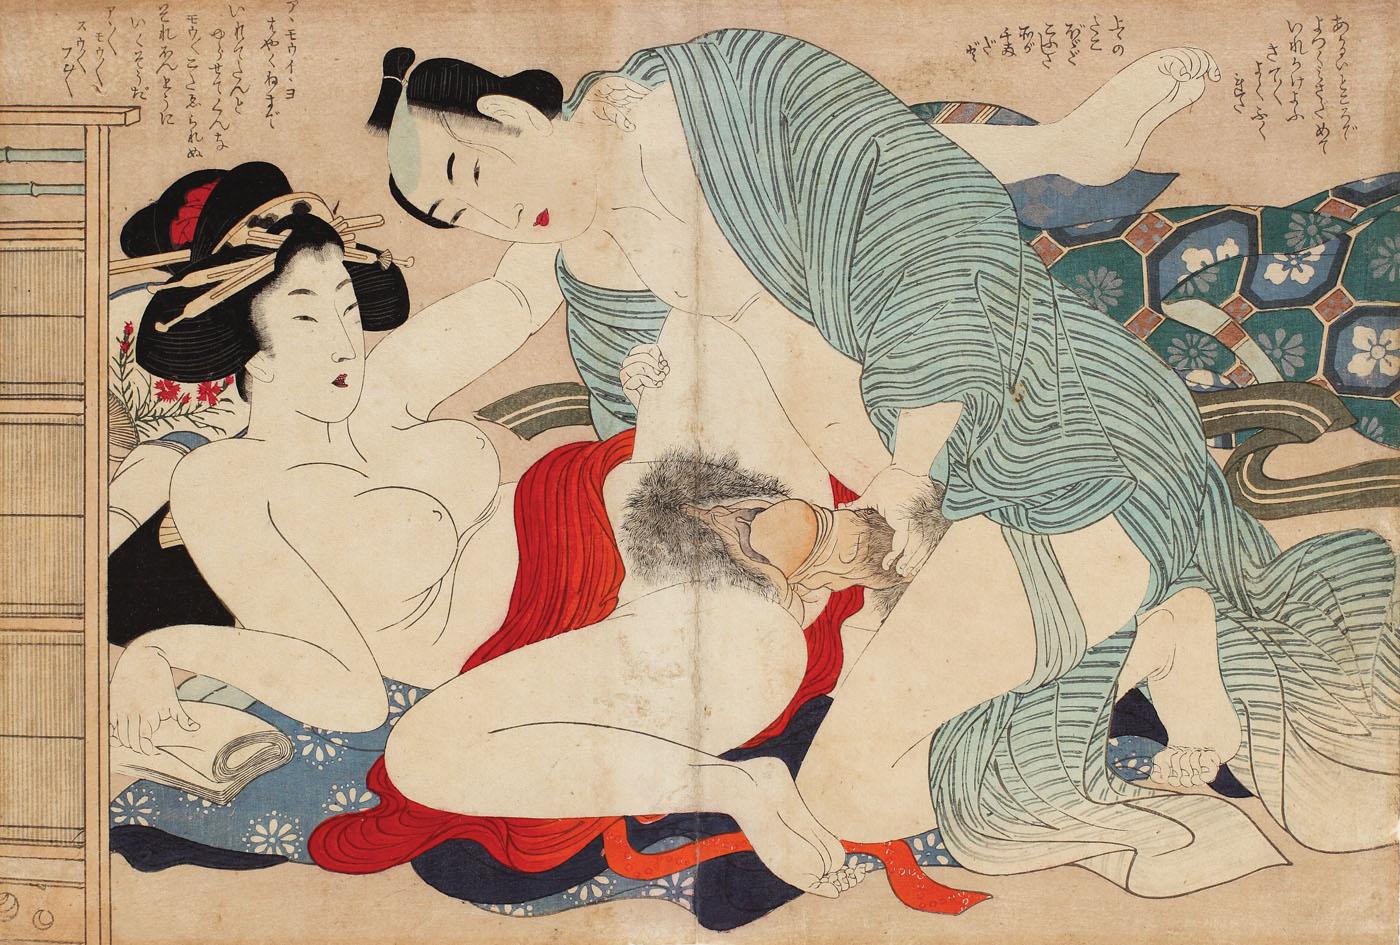 scena_erotica_shunga_realizata_cu_pigmenti_metalici_reprezentand_un_cuplu_intr-o_incapere_intima_stampa_rara_katsushika_hokusai[1]